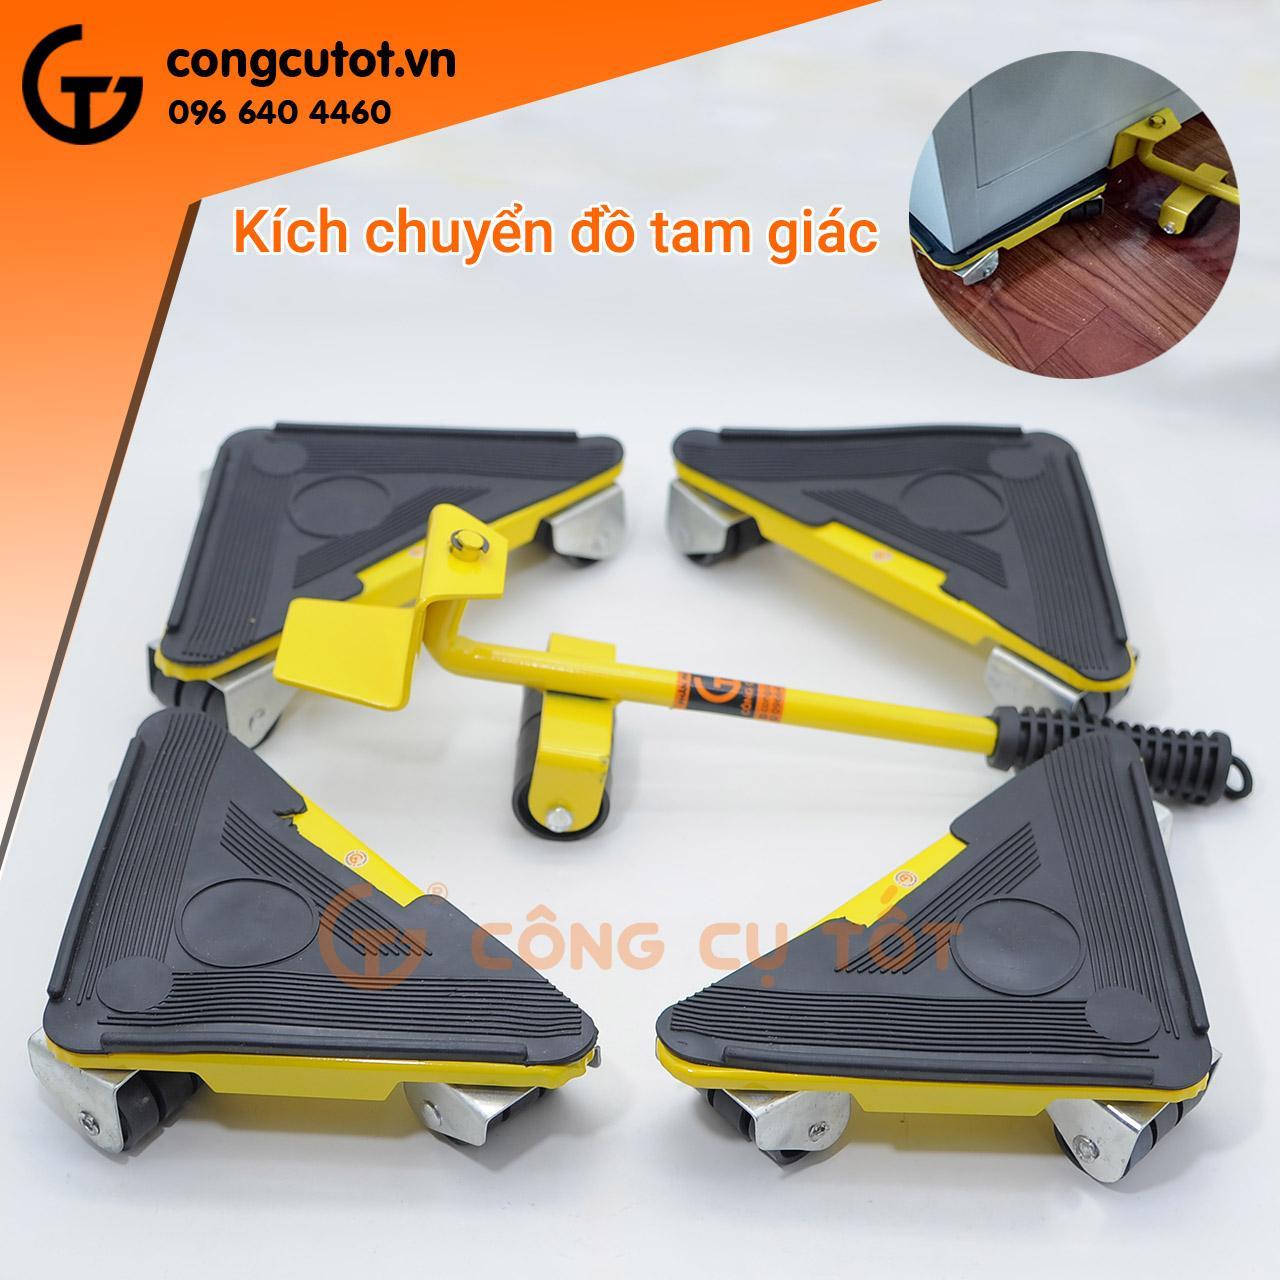 Bộ dụng cụ nâng và di chuyển đồ tam giác bằng sắt